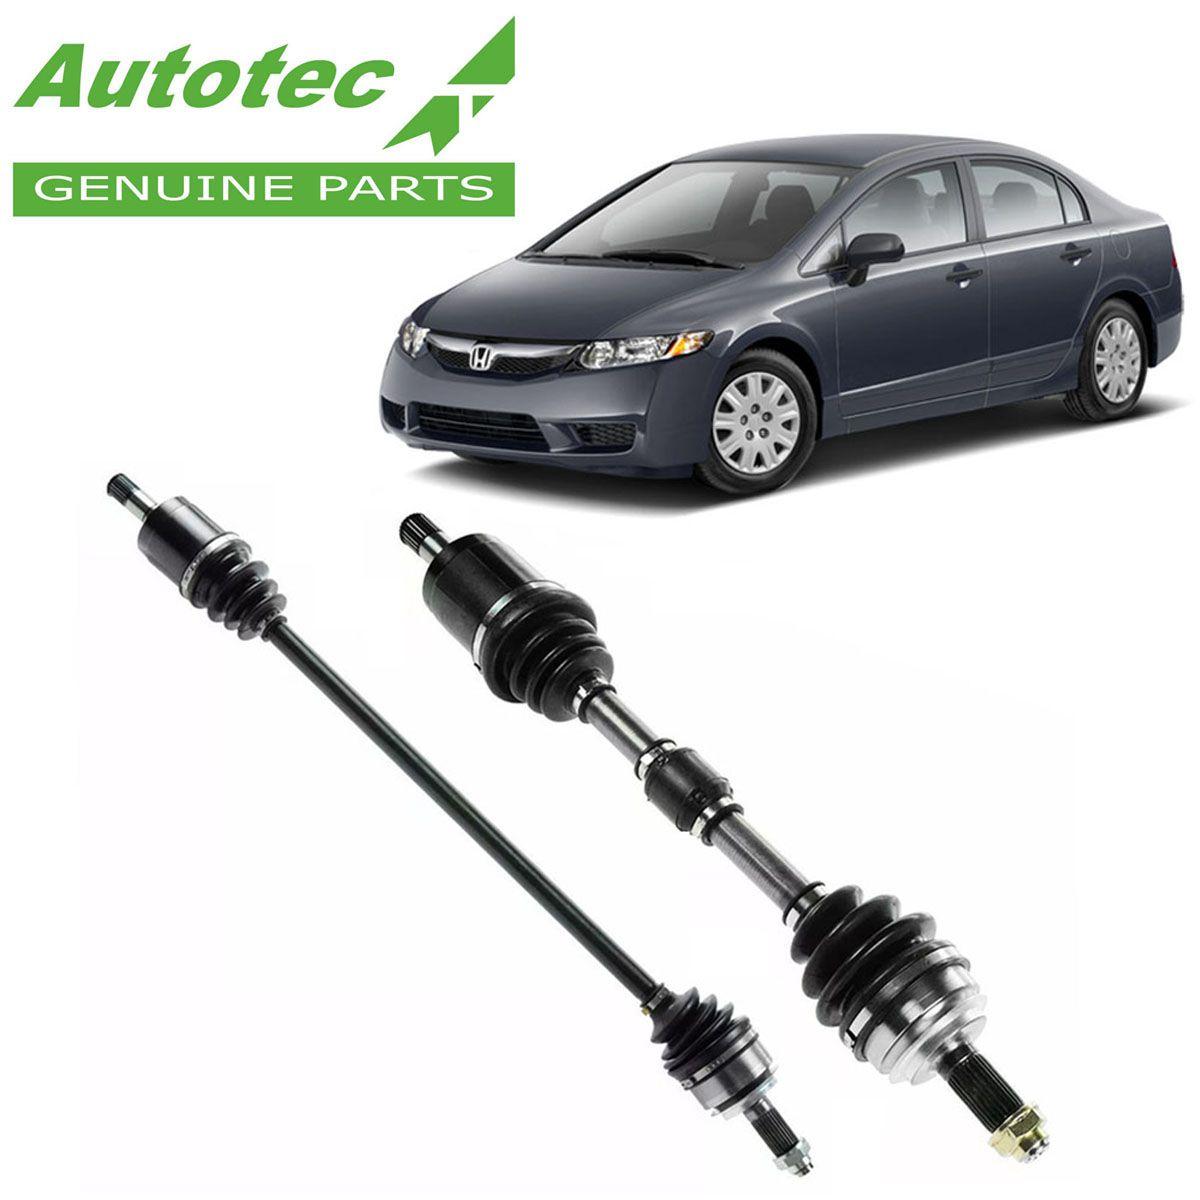 Semi Eixo New Civic 1.8 Automático 2006 Até 2011